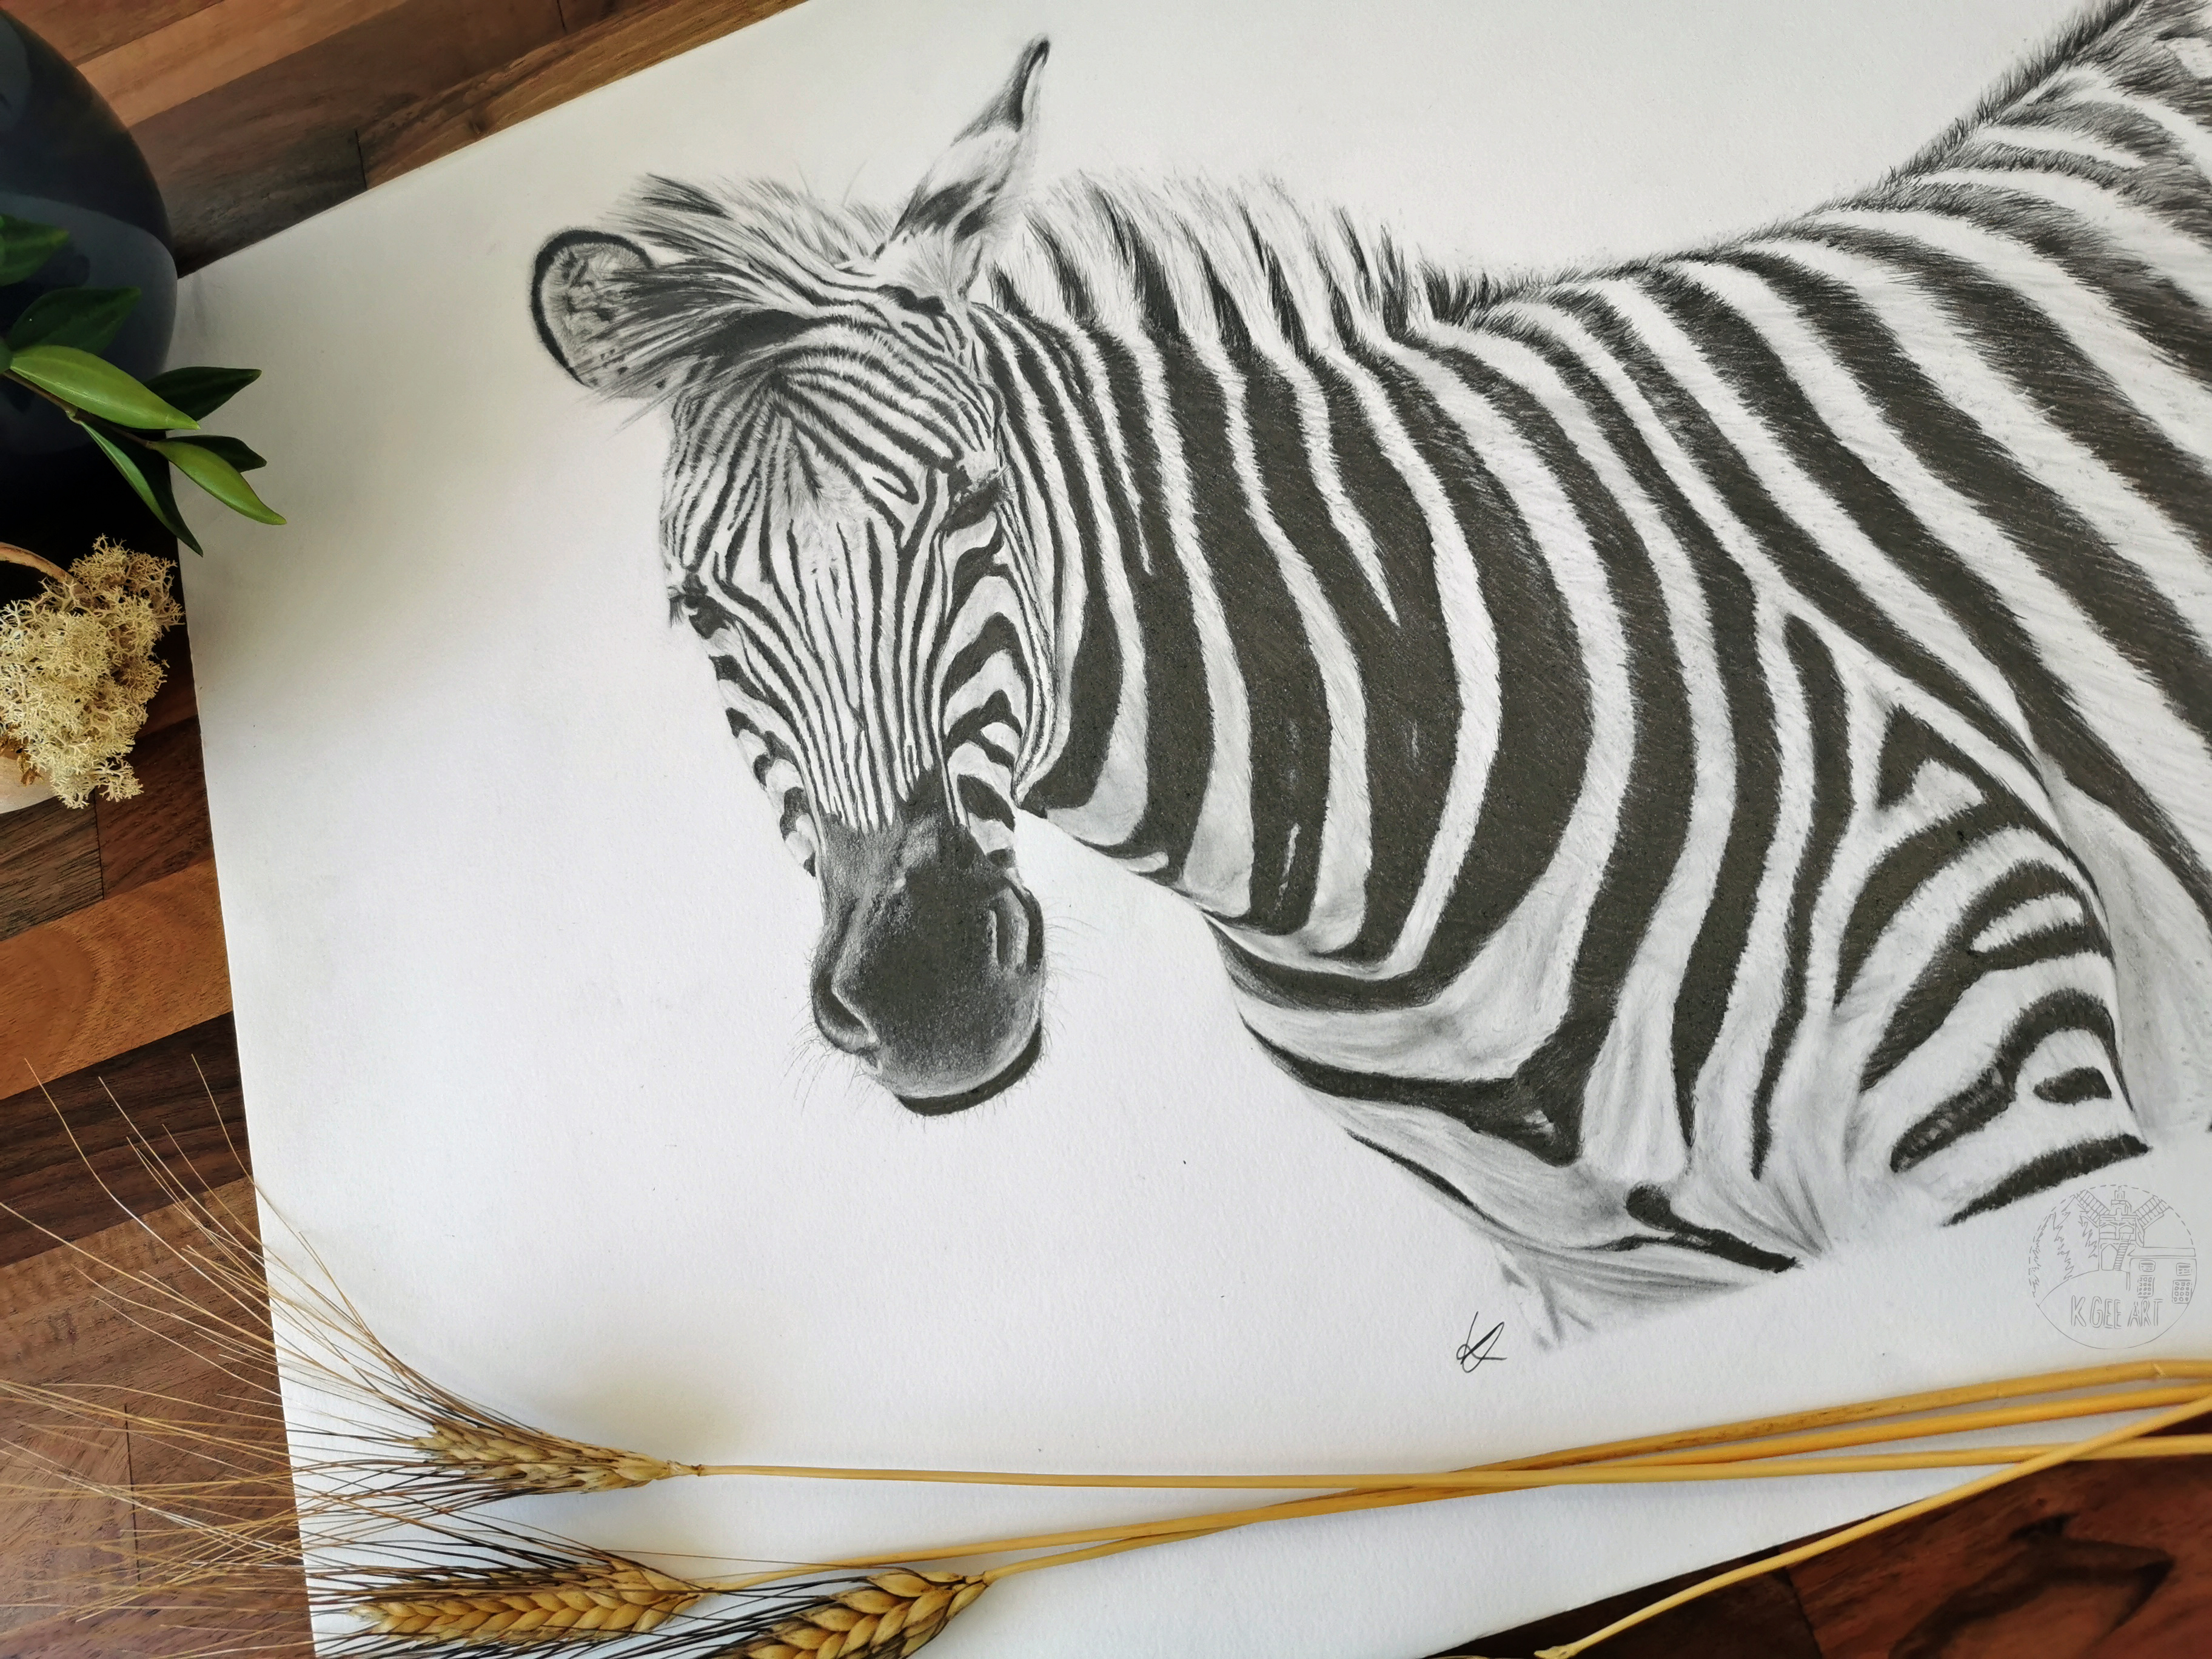 Zebra A2